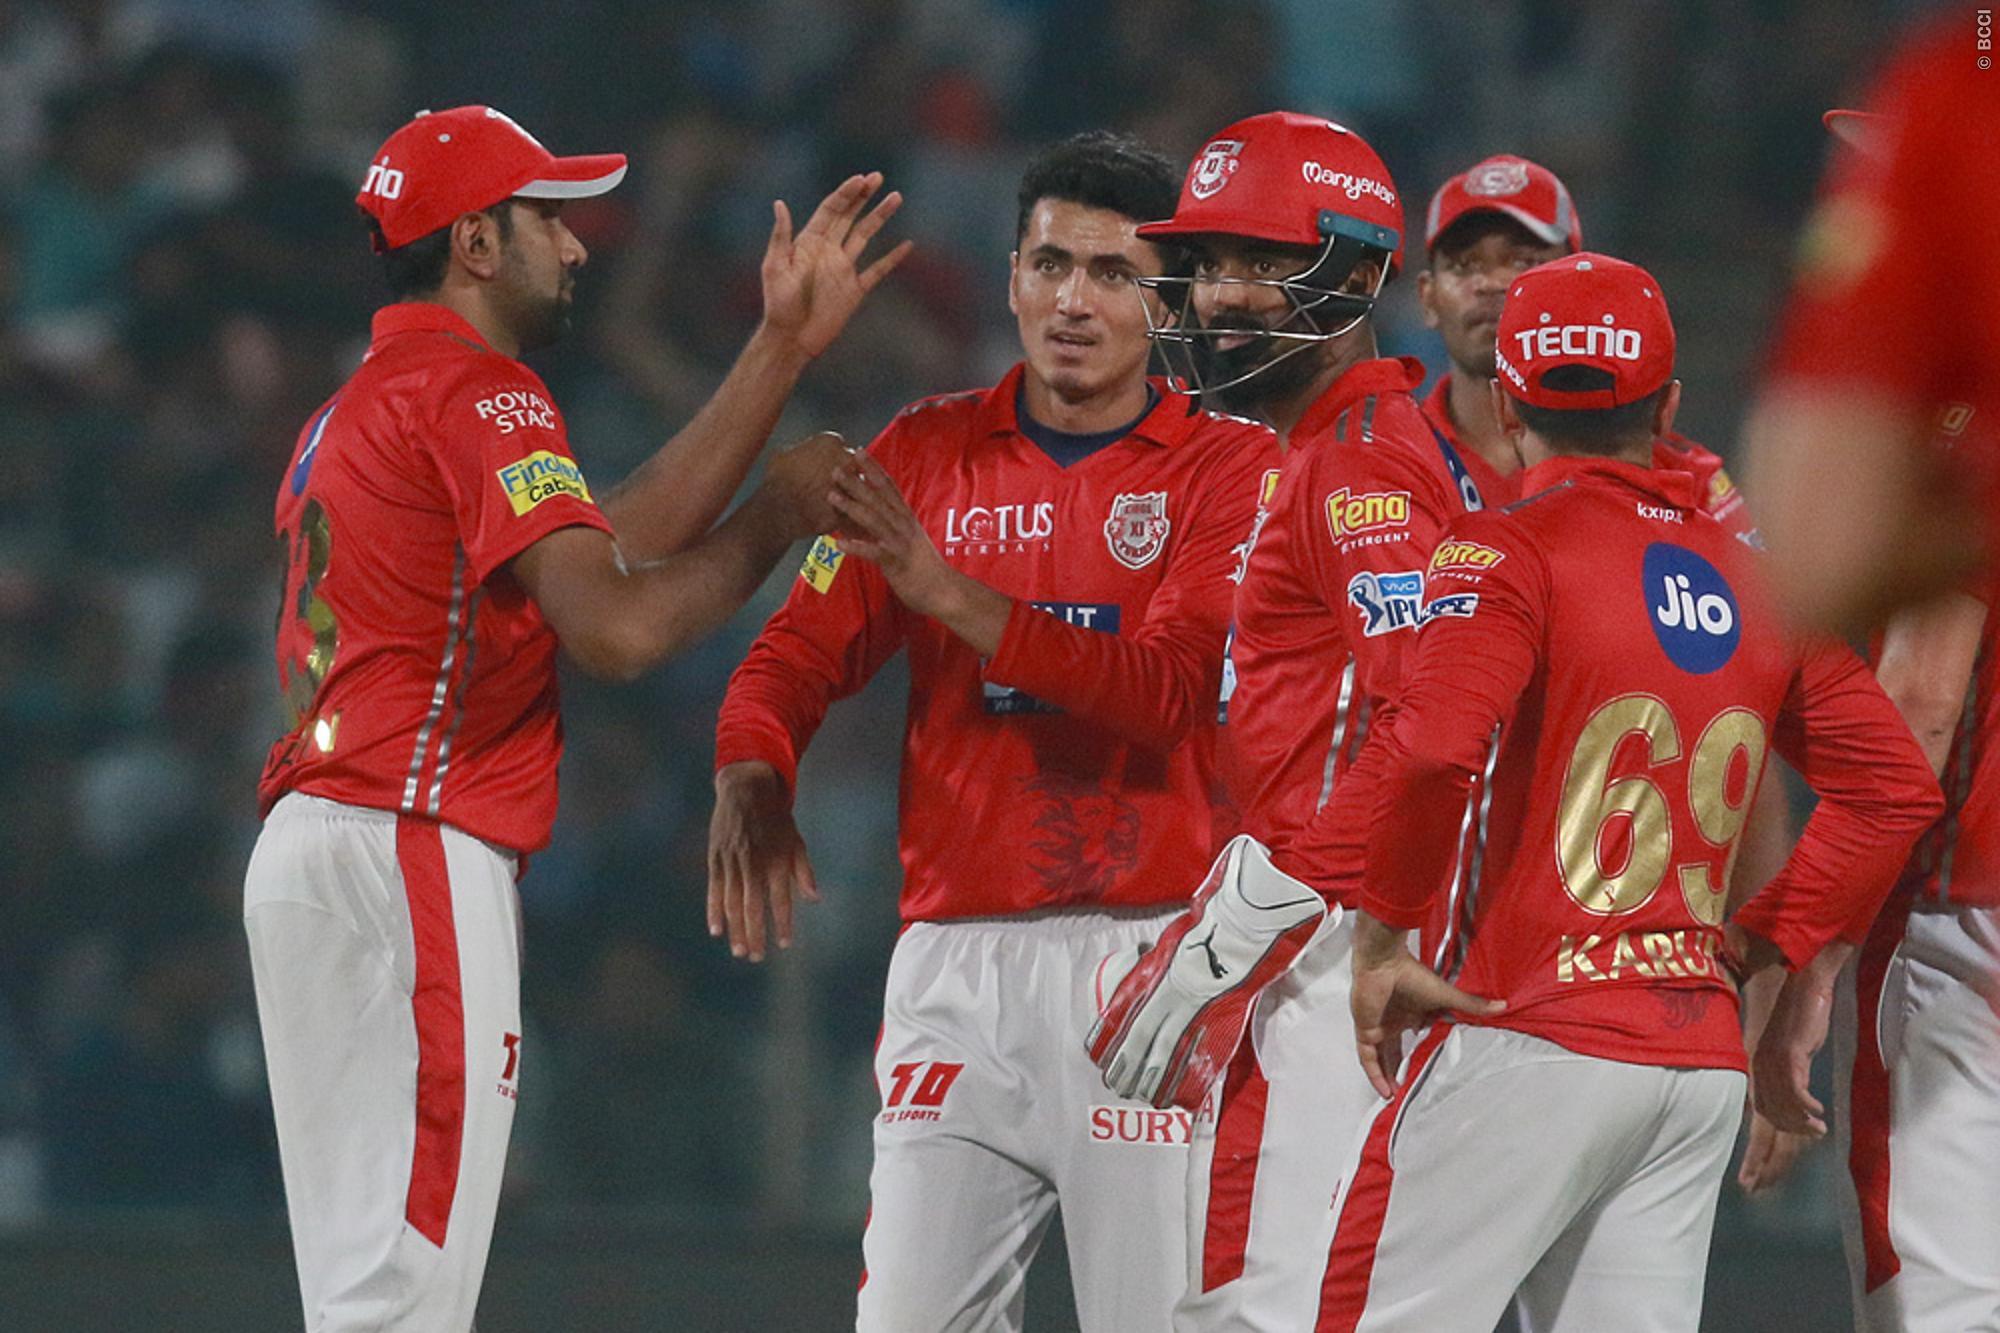 किंग्स इलेवन पंजाब डेविड मिलर की भरपाई के लिए इन 3 खिलाडियों पर लगा सकती है बोली 12